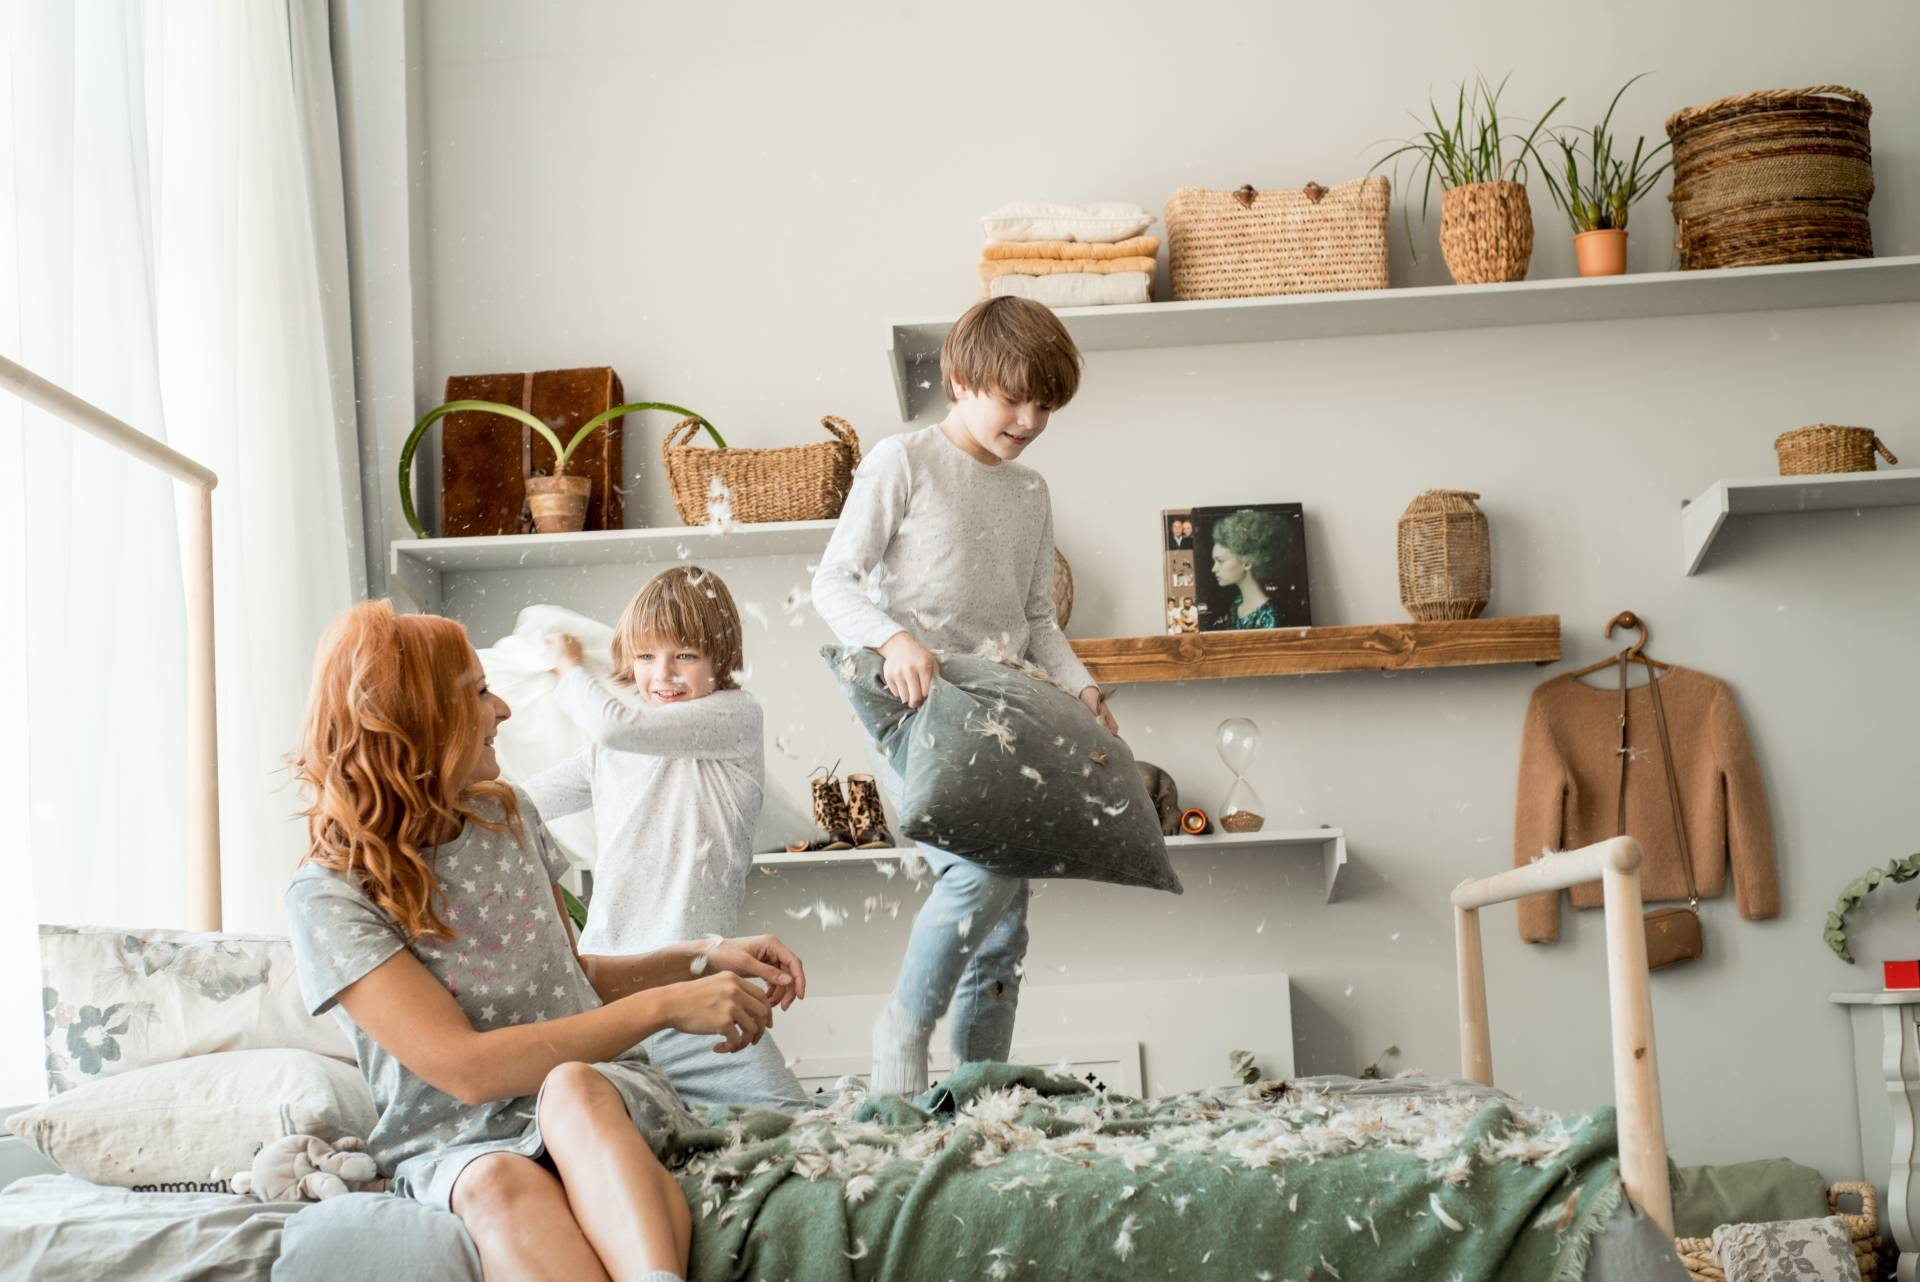 Jak rozwiązywać konflikty między rodzeństwem? Mama siedzi na łóżku i godzi skłóconych braci, którzy walczyli na poduszki.